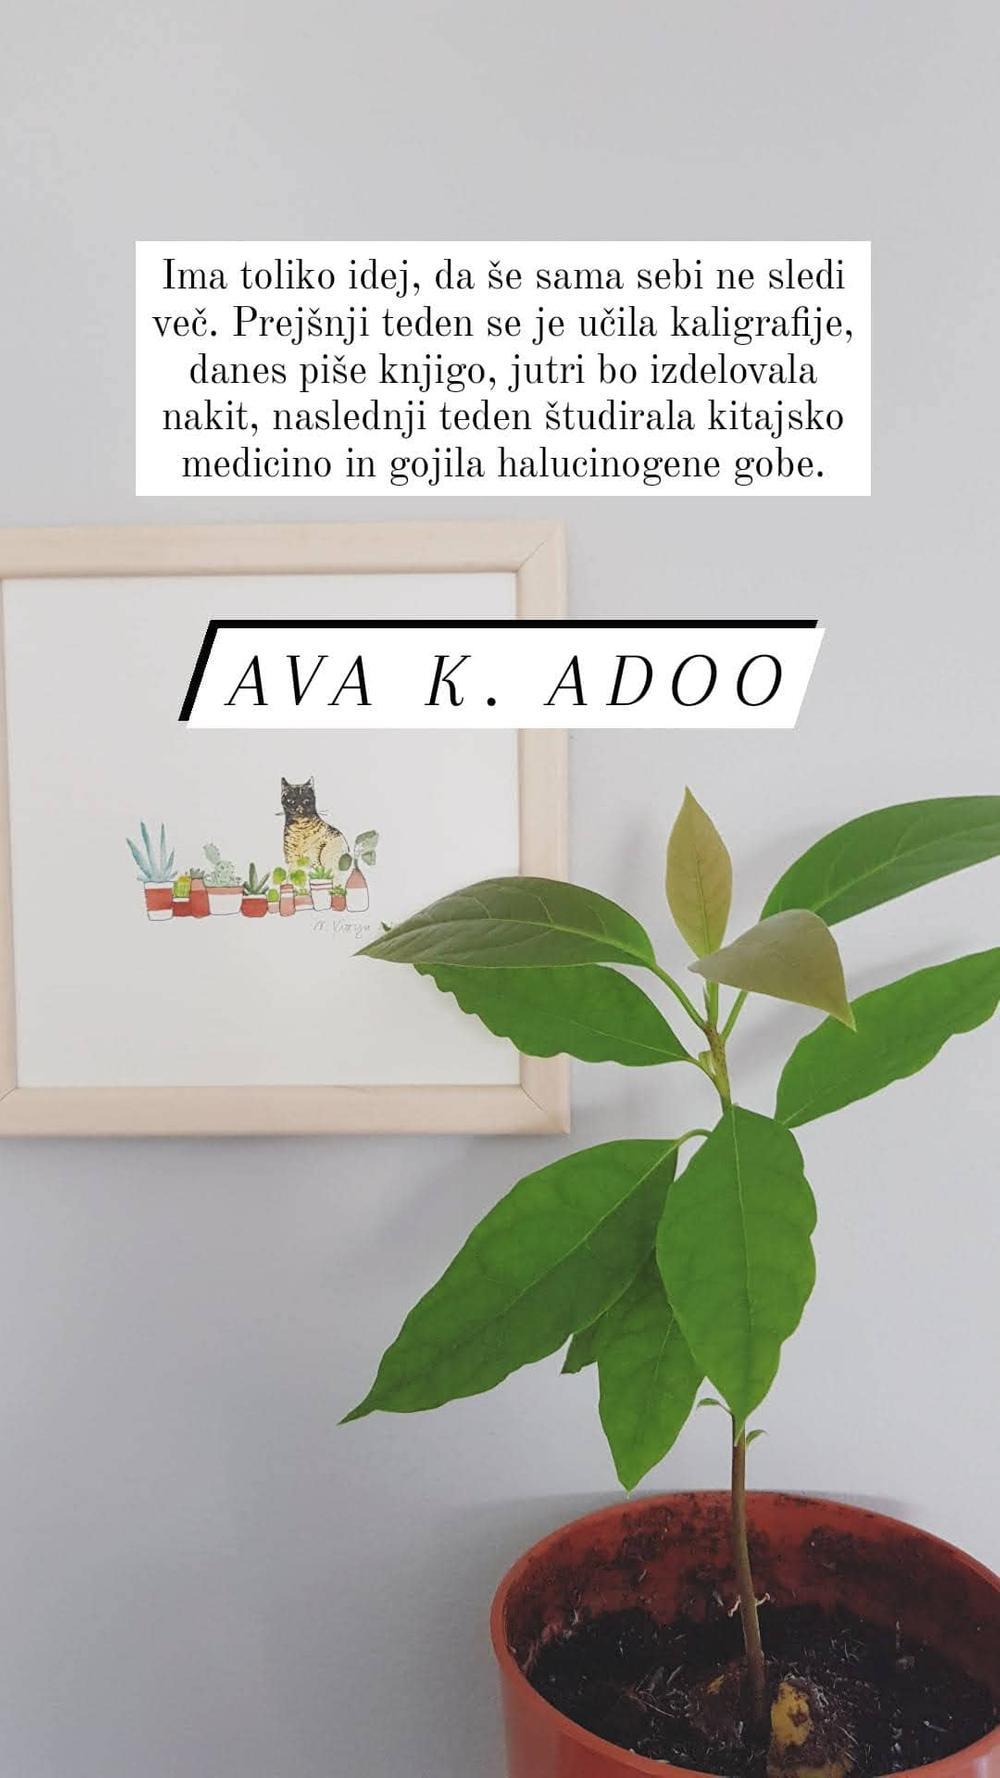 Ava K. Adoo